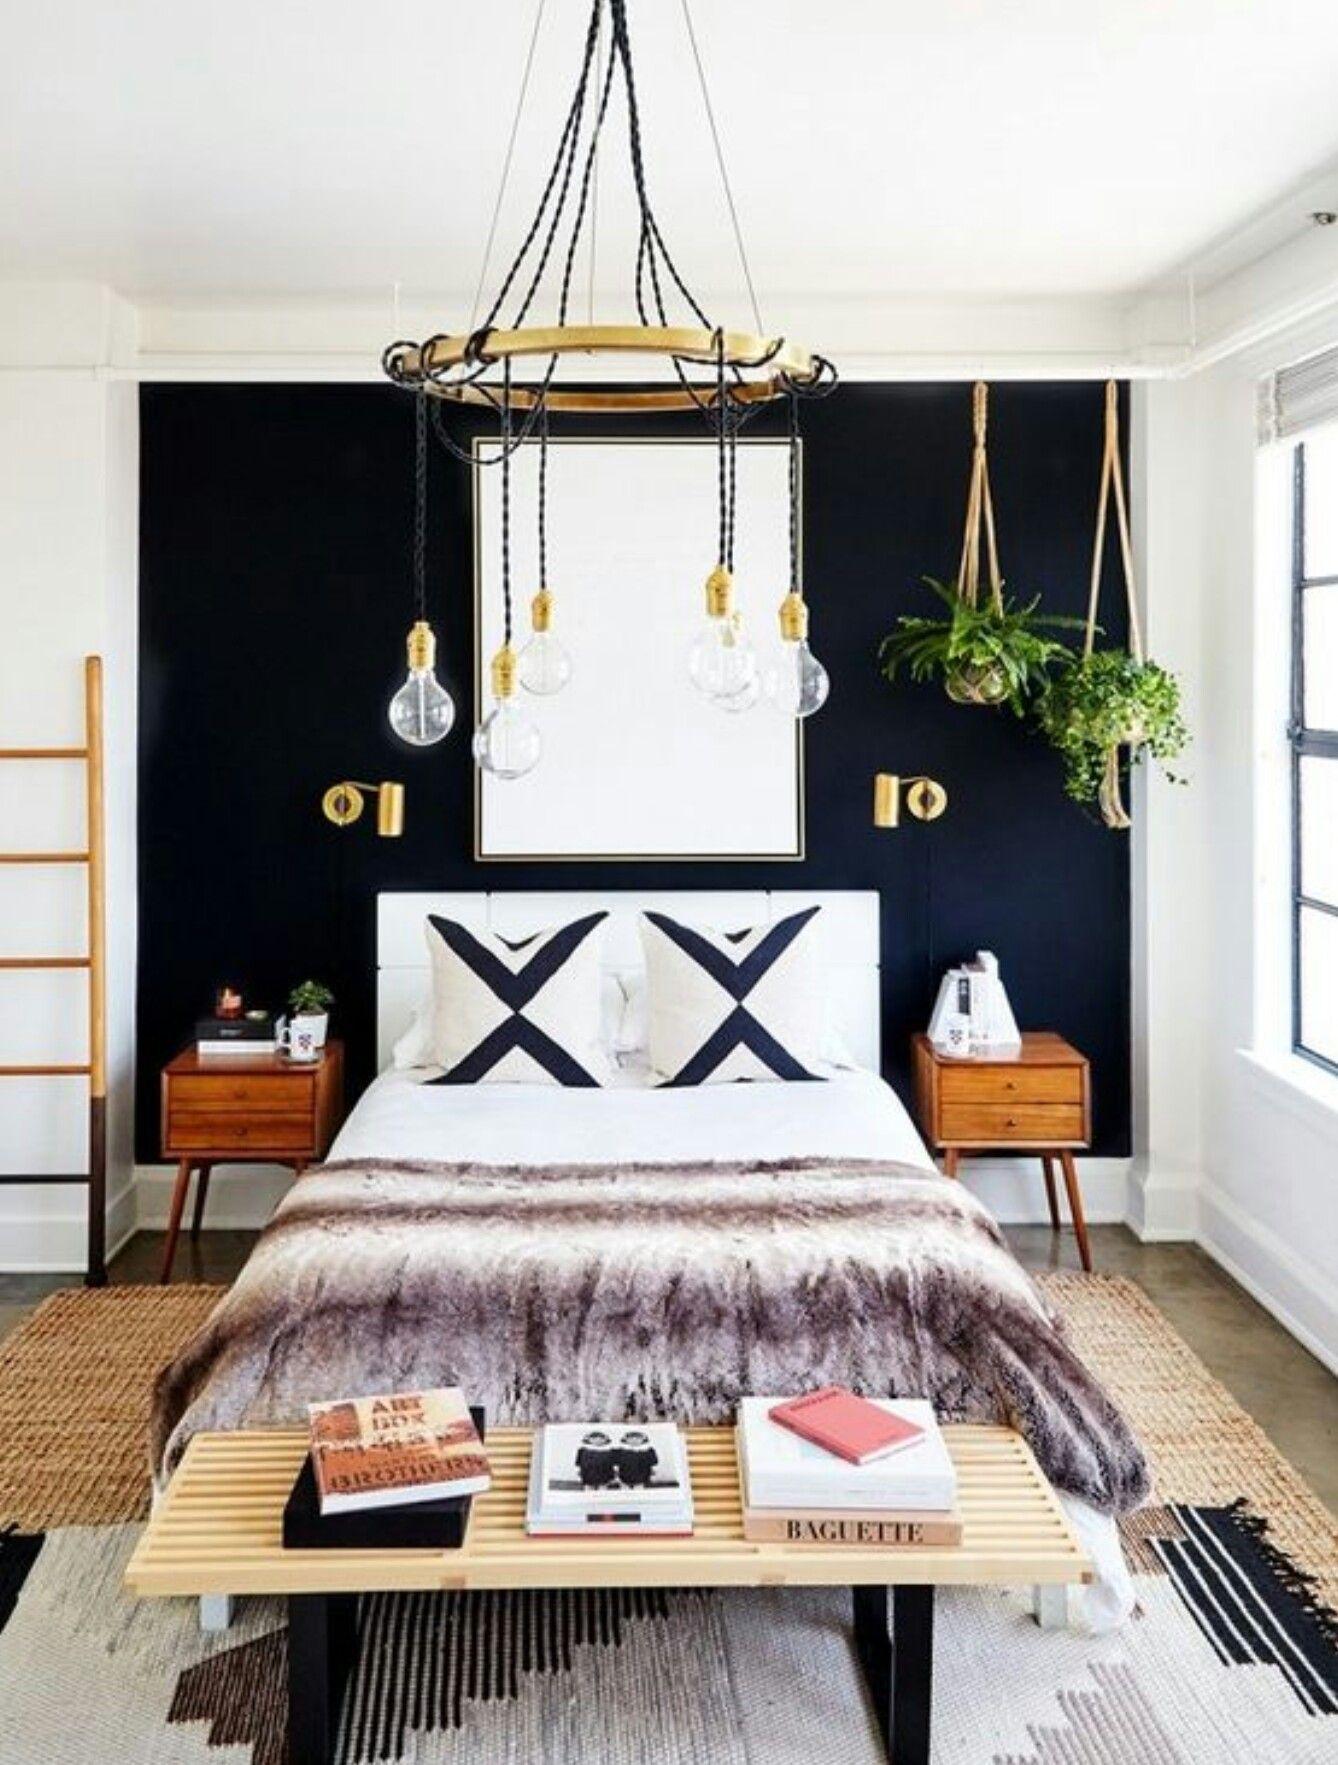 Bedroom Bohemian Black Vintage Deco Chambre Idee Deco Maison Deco Maison